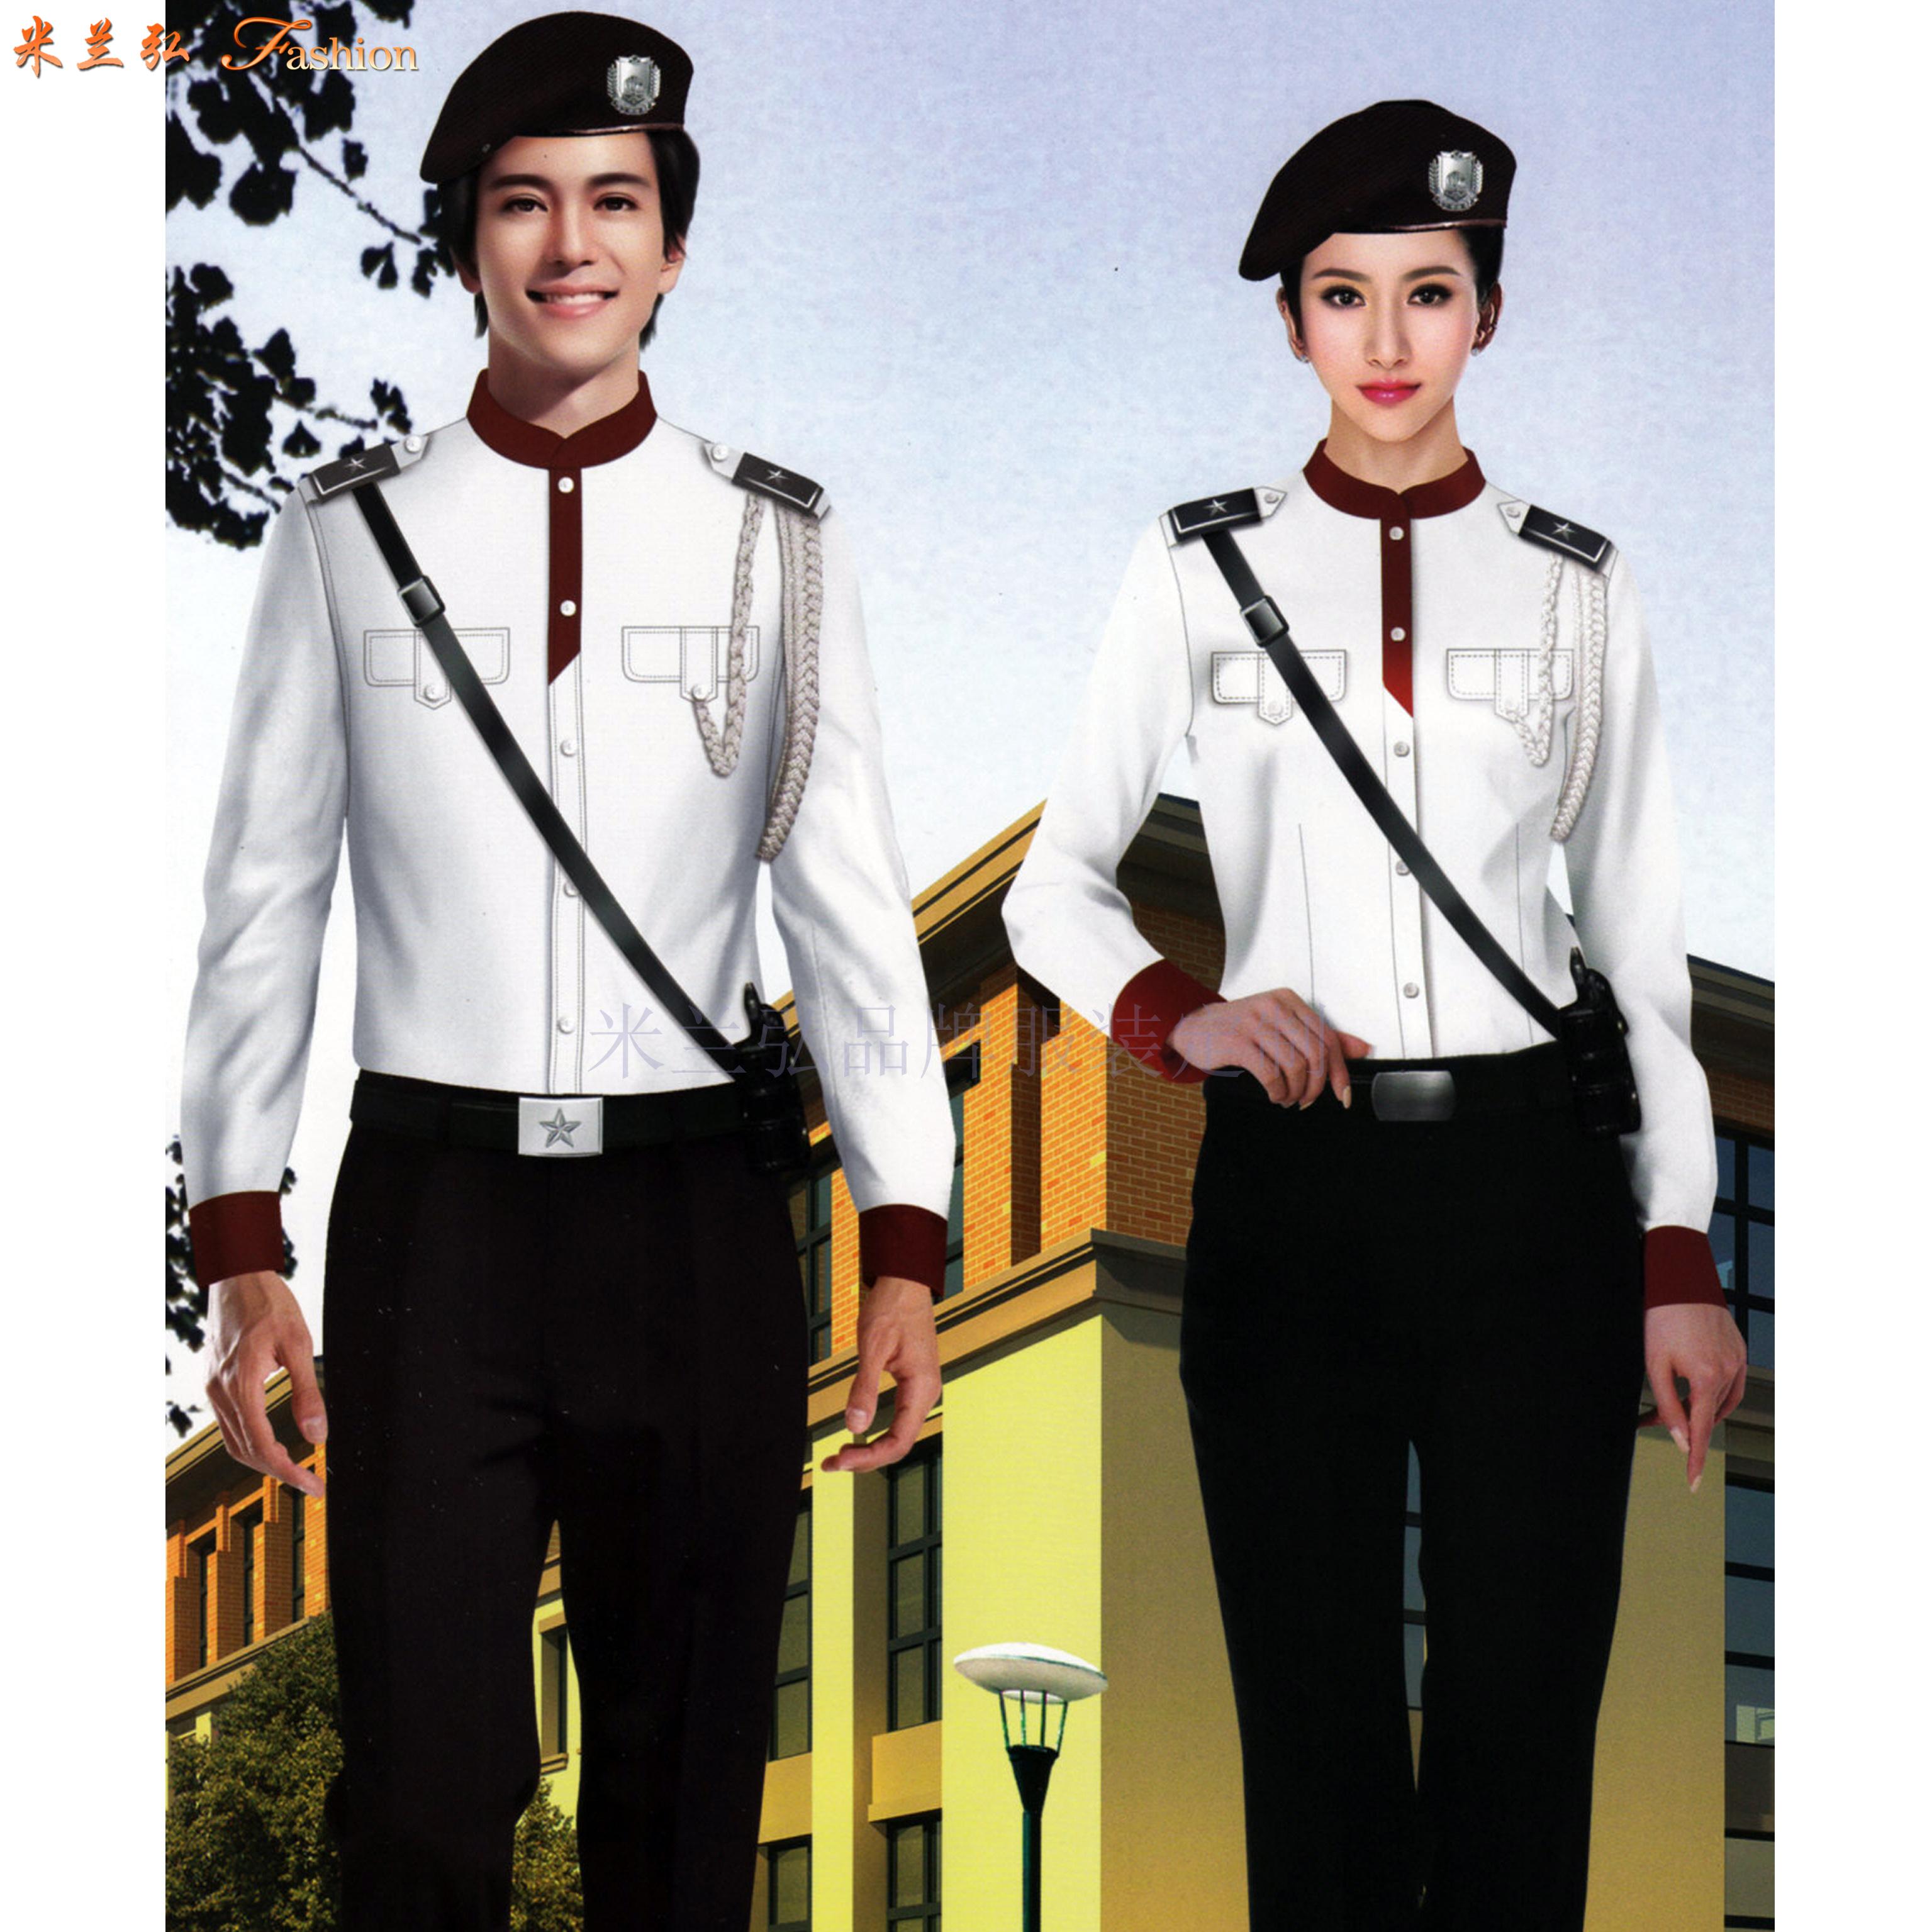 物業保安工作服訂做-物業安保部制服定做-米蘭弘廠家-3